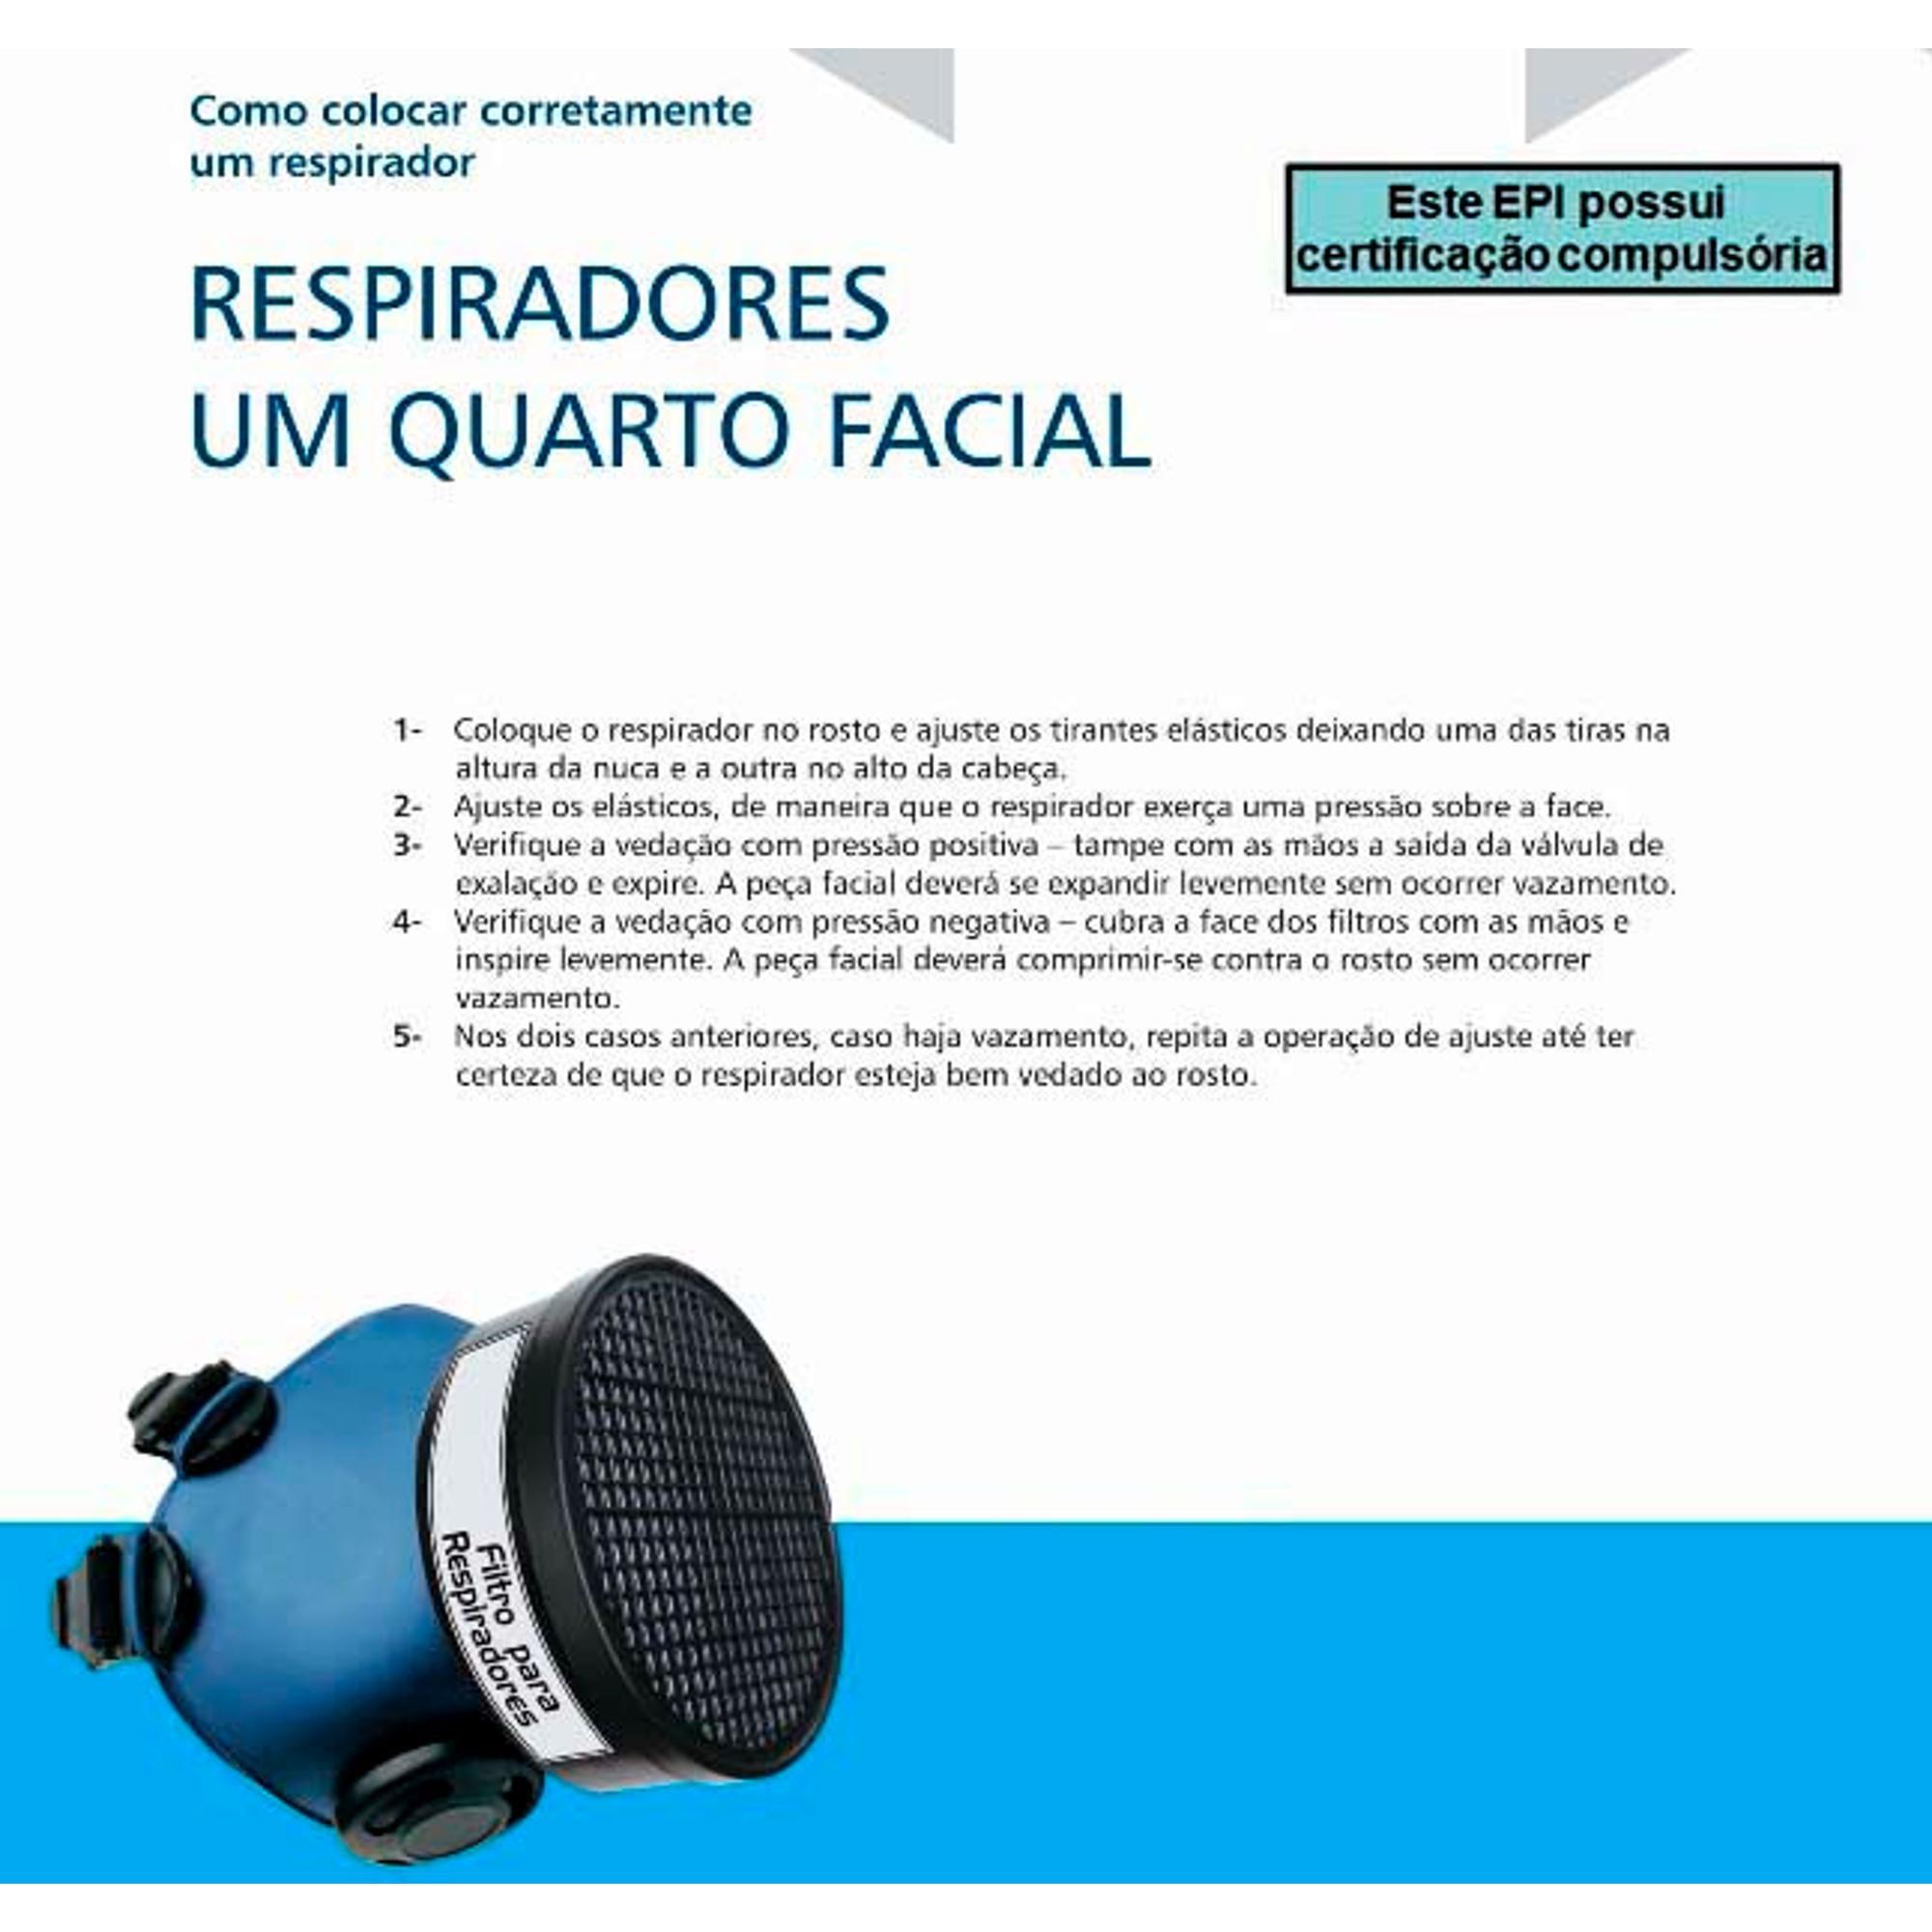 MÁSCARA 1/4 FACIAL COM FILTRO (P) VENENO AGROTÓXICOS E PESTICIDAS  - DE PAULA EPIS